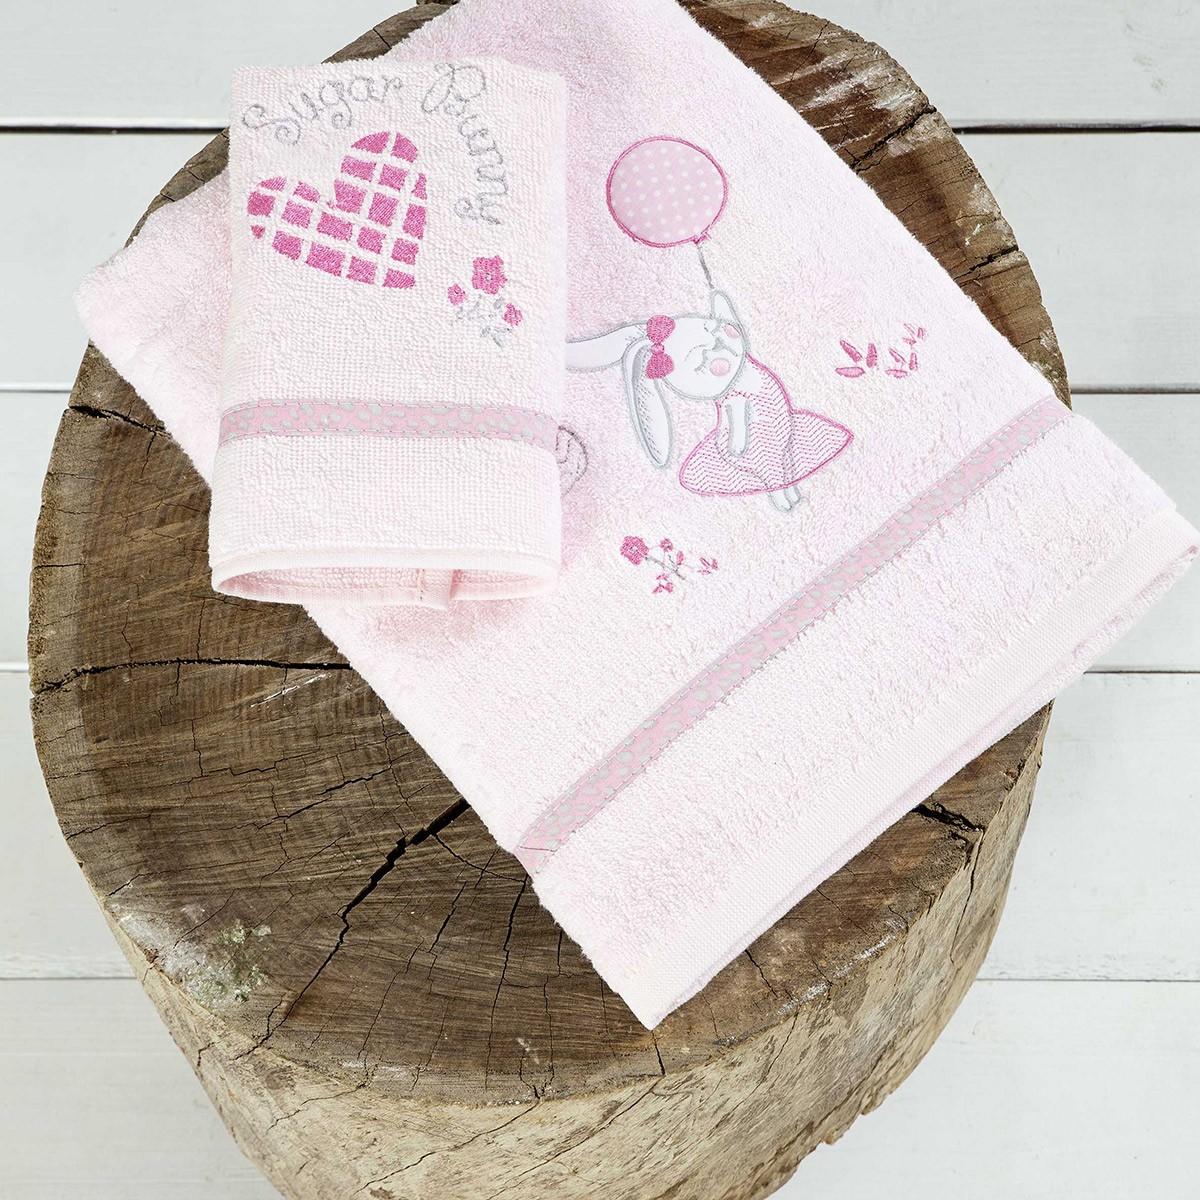 Βρεφικές Πετσέτες (Σετ 2τμχ) Nima Baby Sugar Bunny 77104